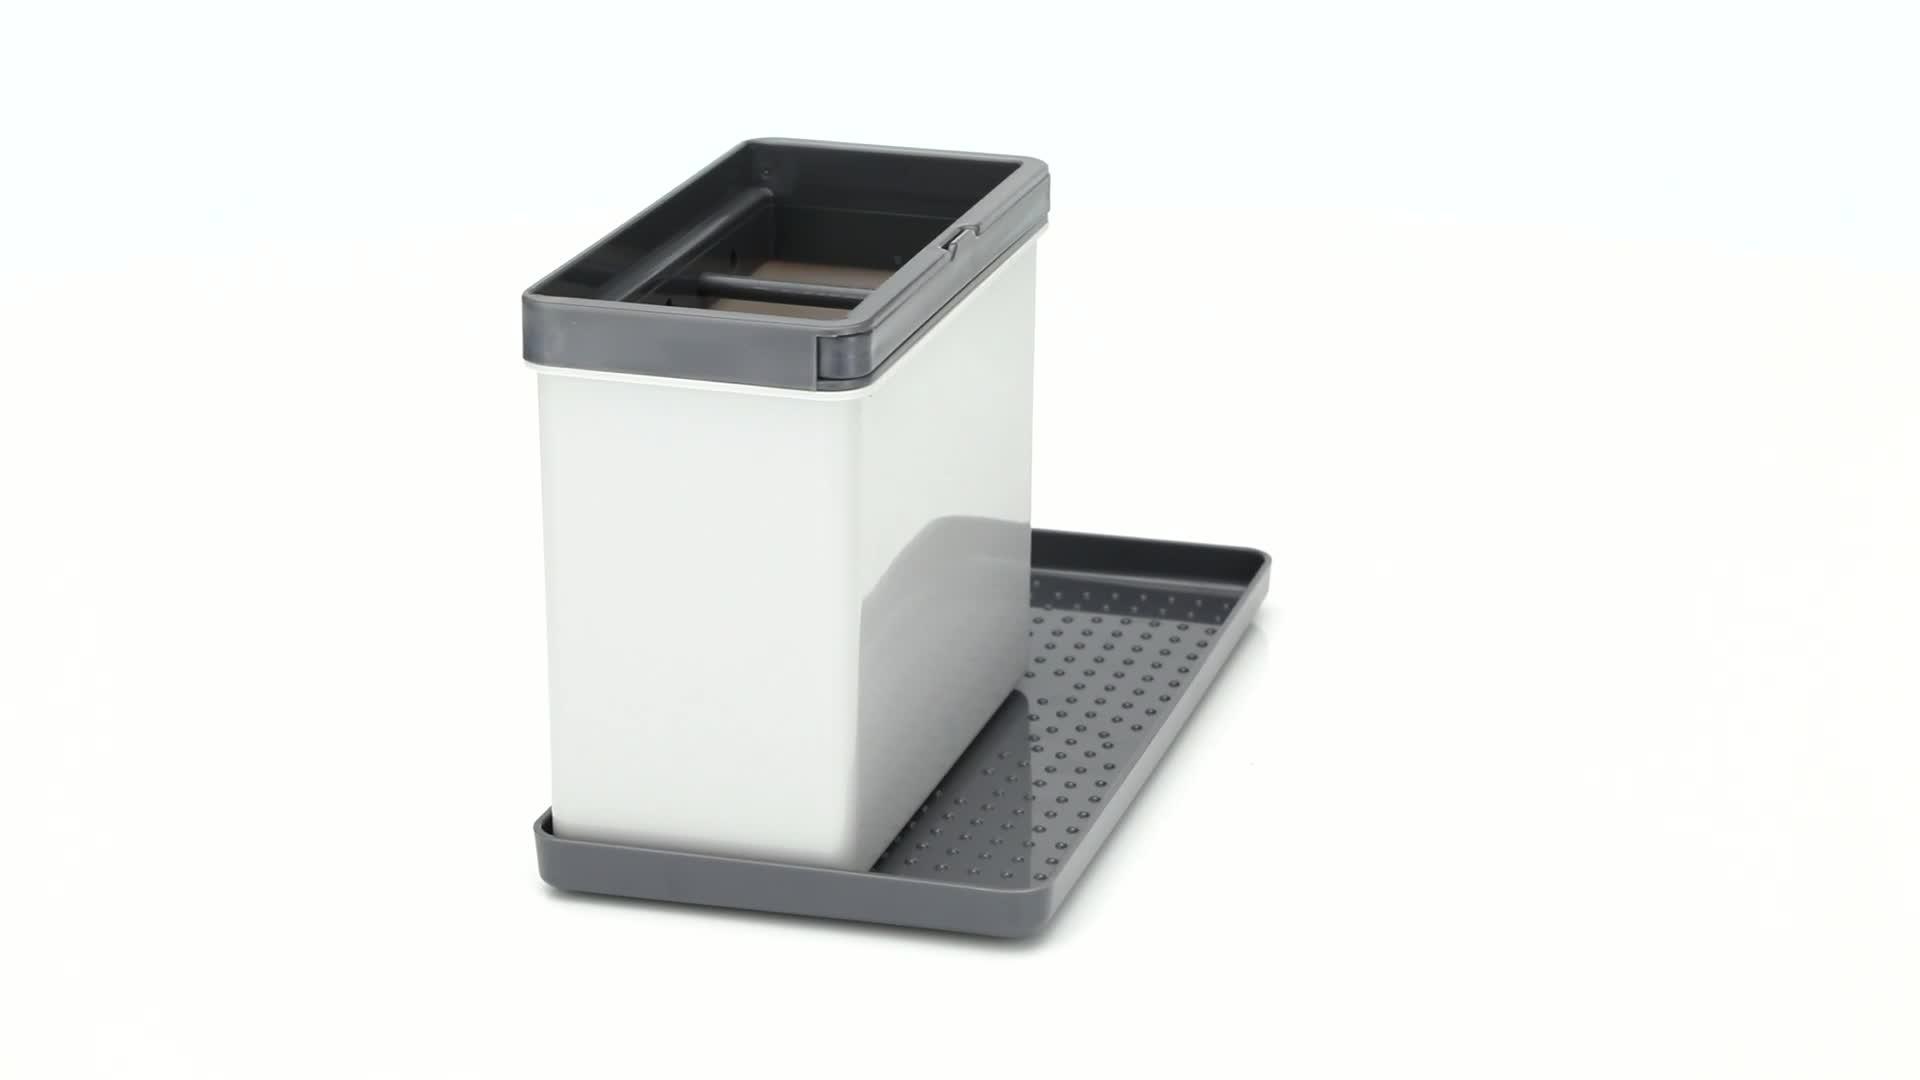 41yL0qDeLFL Metaltex 297530109 Tidytex Spülbecken-Organizer 24x13x14cm ABS, Plastik, Grau, 24 x 13 x 14 cm